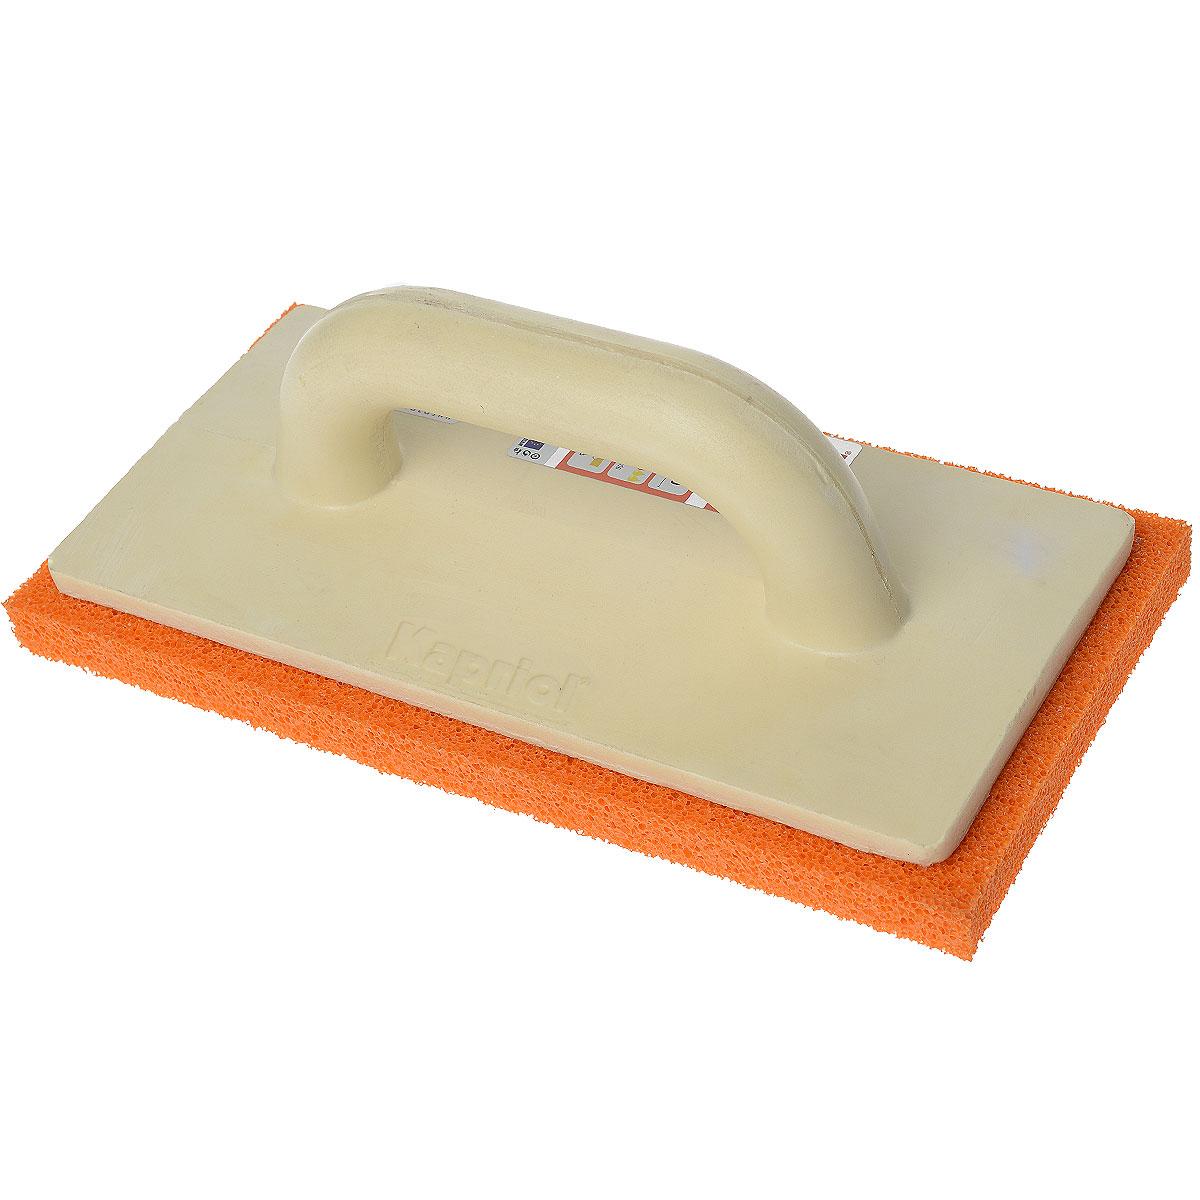 Терка штукатурная с мягкой губкой Kapriol, 14 х 28 см23071Терка штукатурная с мягкой губкой Kapriol используется для финишного выравнивания и последующего затирания раствора на рабочую поверхность. Особенности: Полотно - мягкая губка; Цвет губки - оранжевый; Эргономичная ручка сделана из полиуретана; Толщина губки: 25 мм.